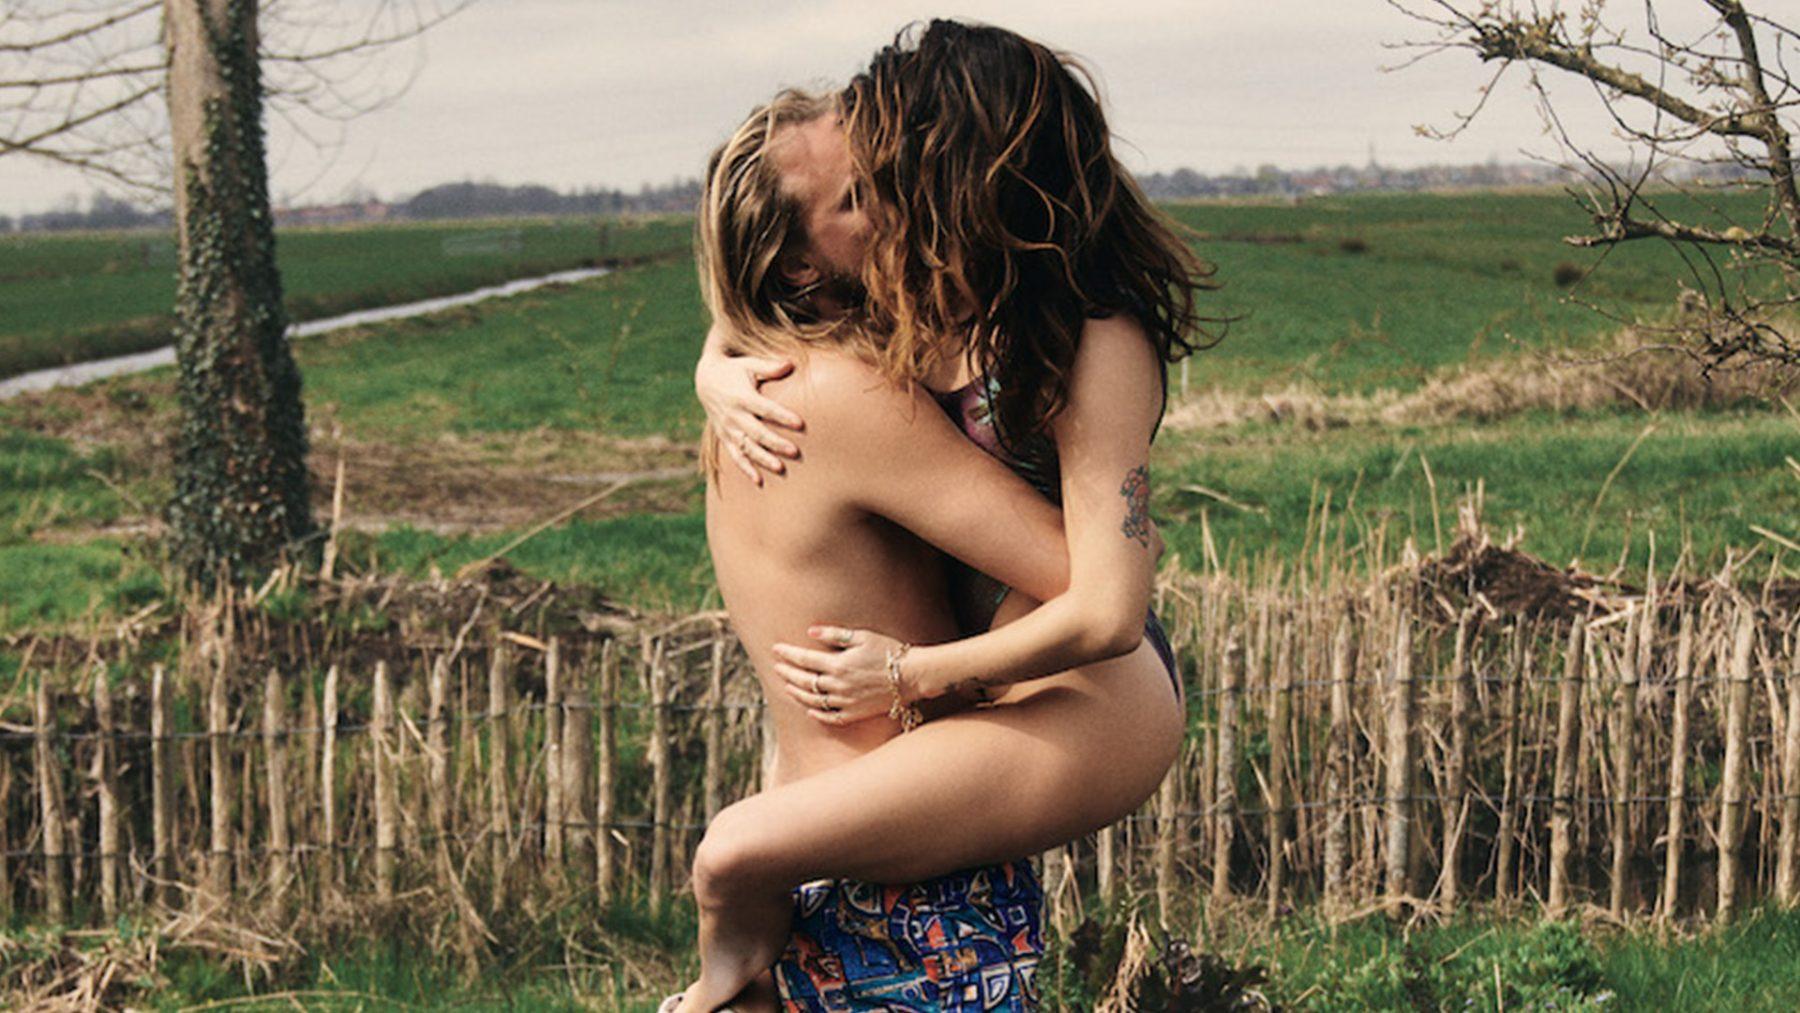 Birgit Schuurman over liefde en lust: 'In de zomer fluf ik de boel lekker op'